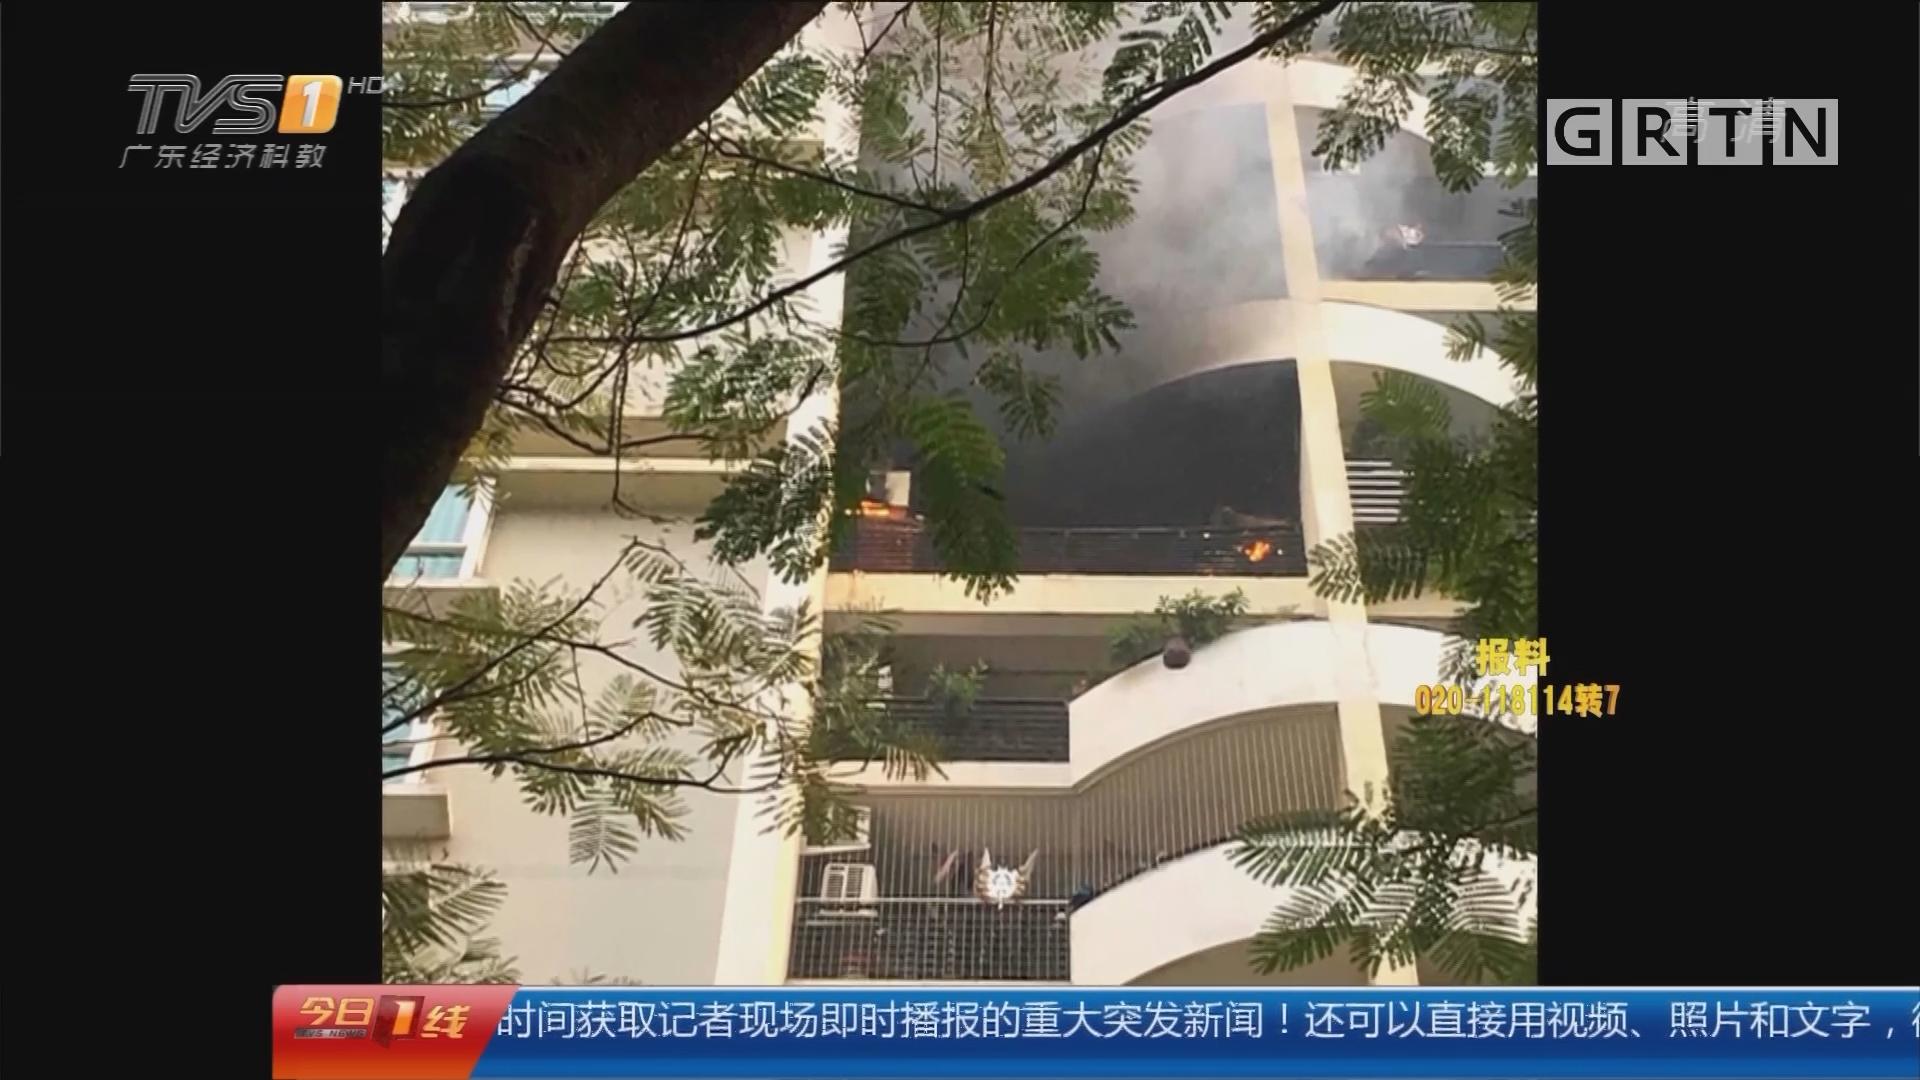 广州海珠:民居意外失火 热心街坊齐救火